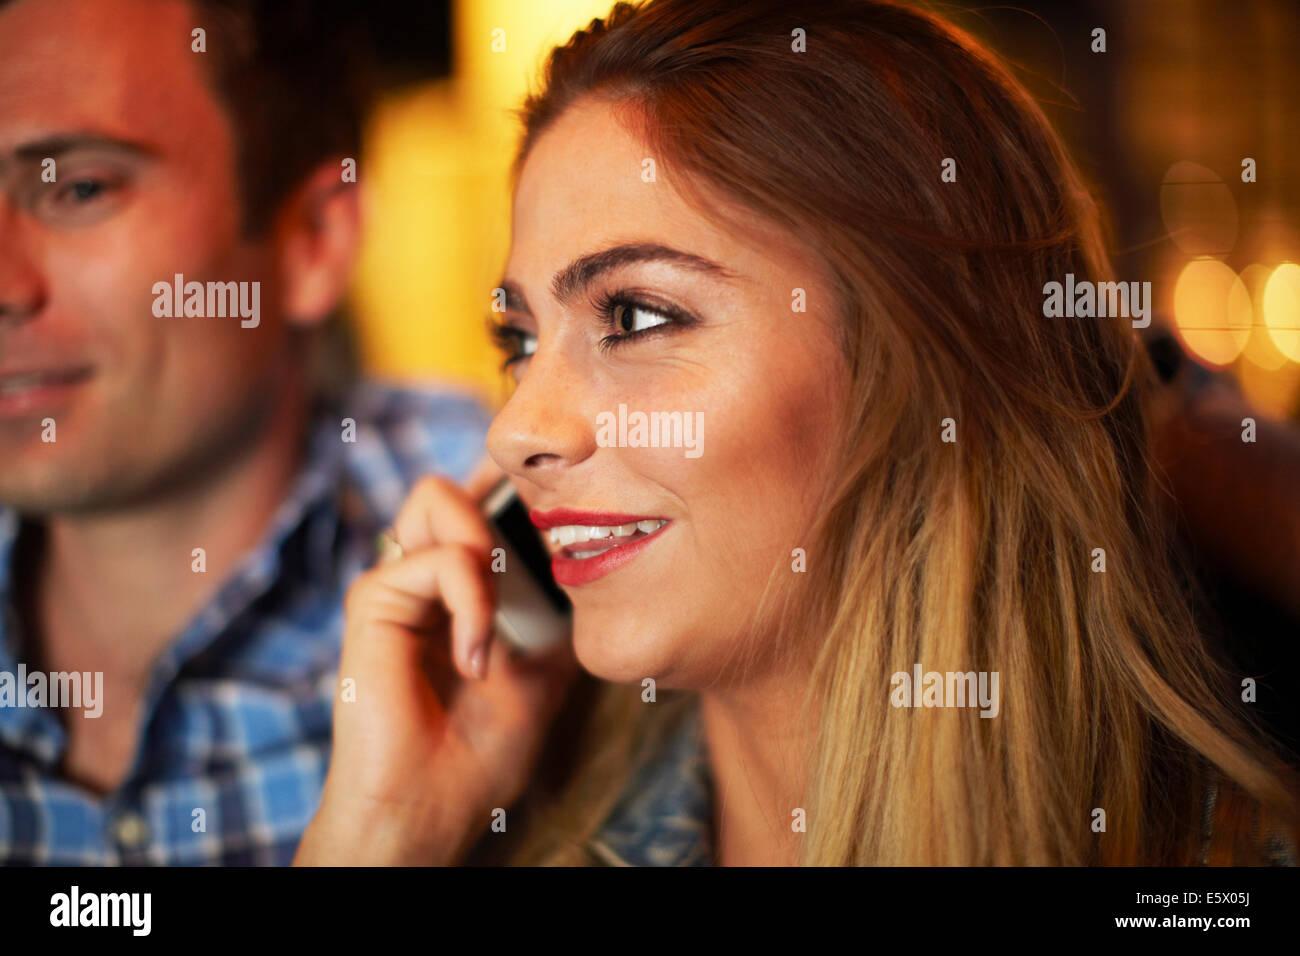 Giovane donna con il mio ragazzo in chat su smartphone taxi della città di notte Immagini Stock